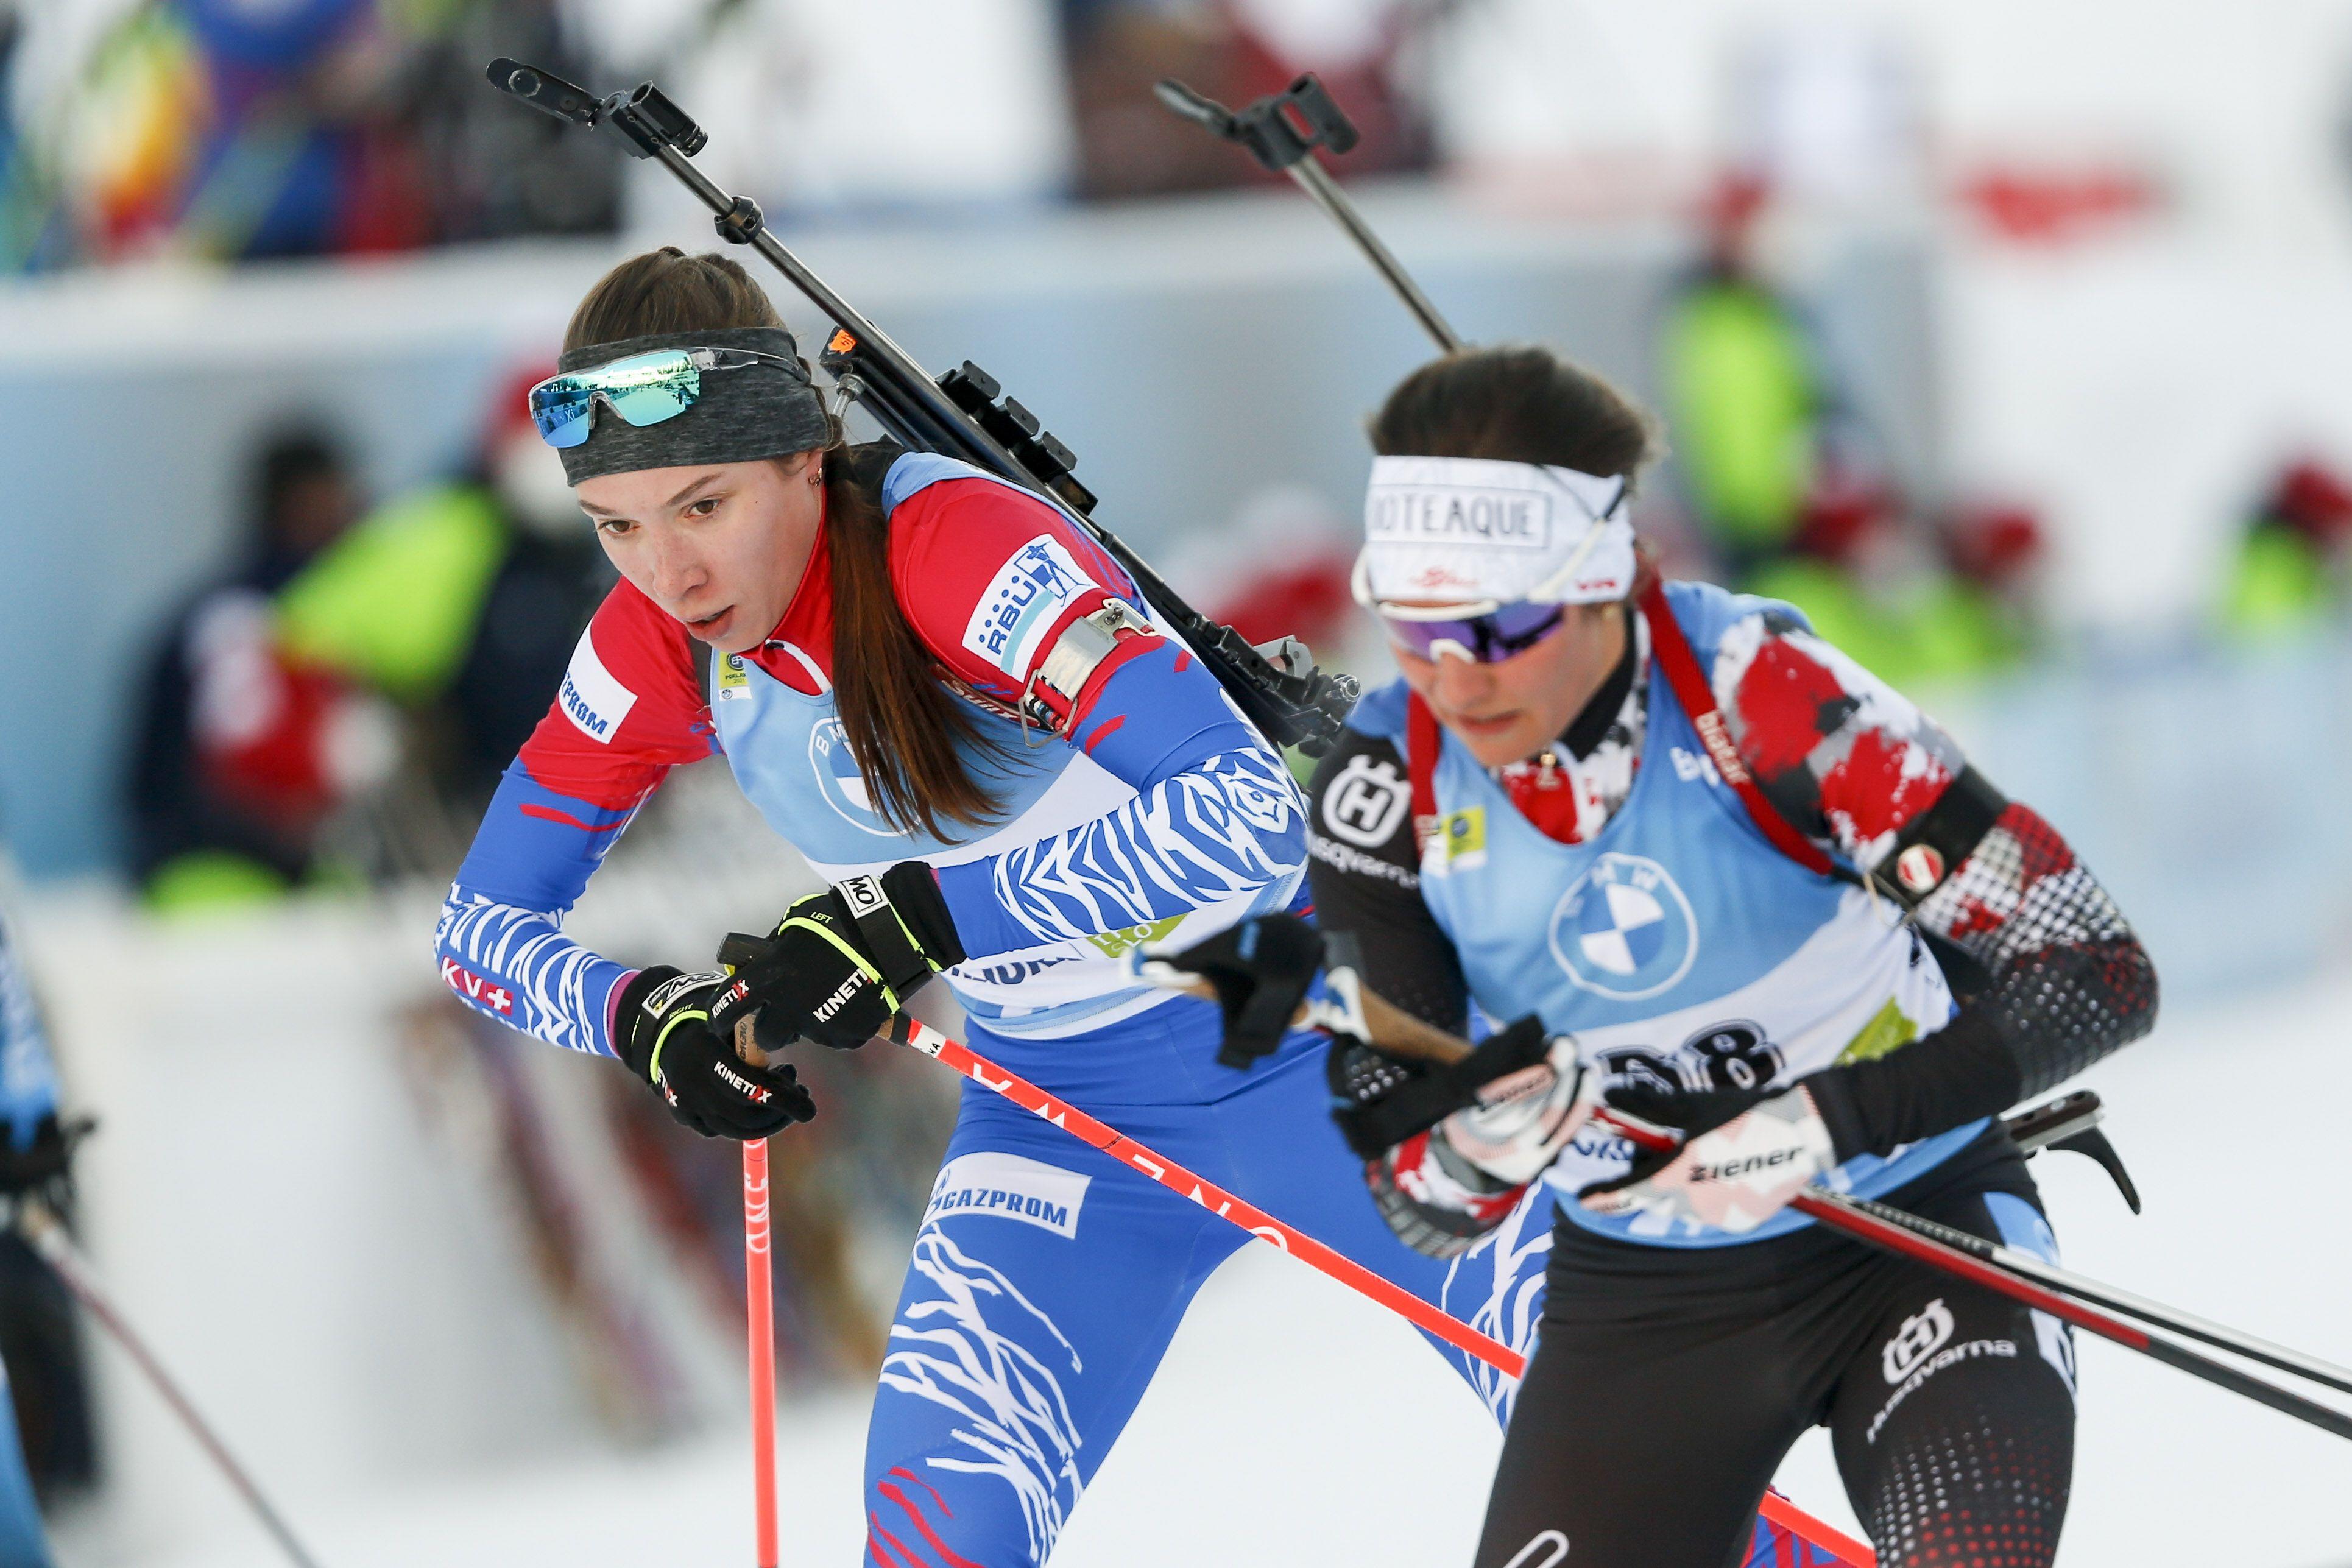 Определён состав сборной России на женскую индивидуальную гонку на ЧМ по биатлону